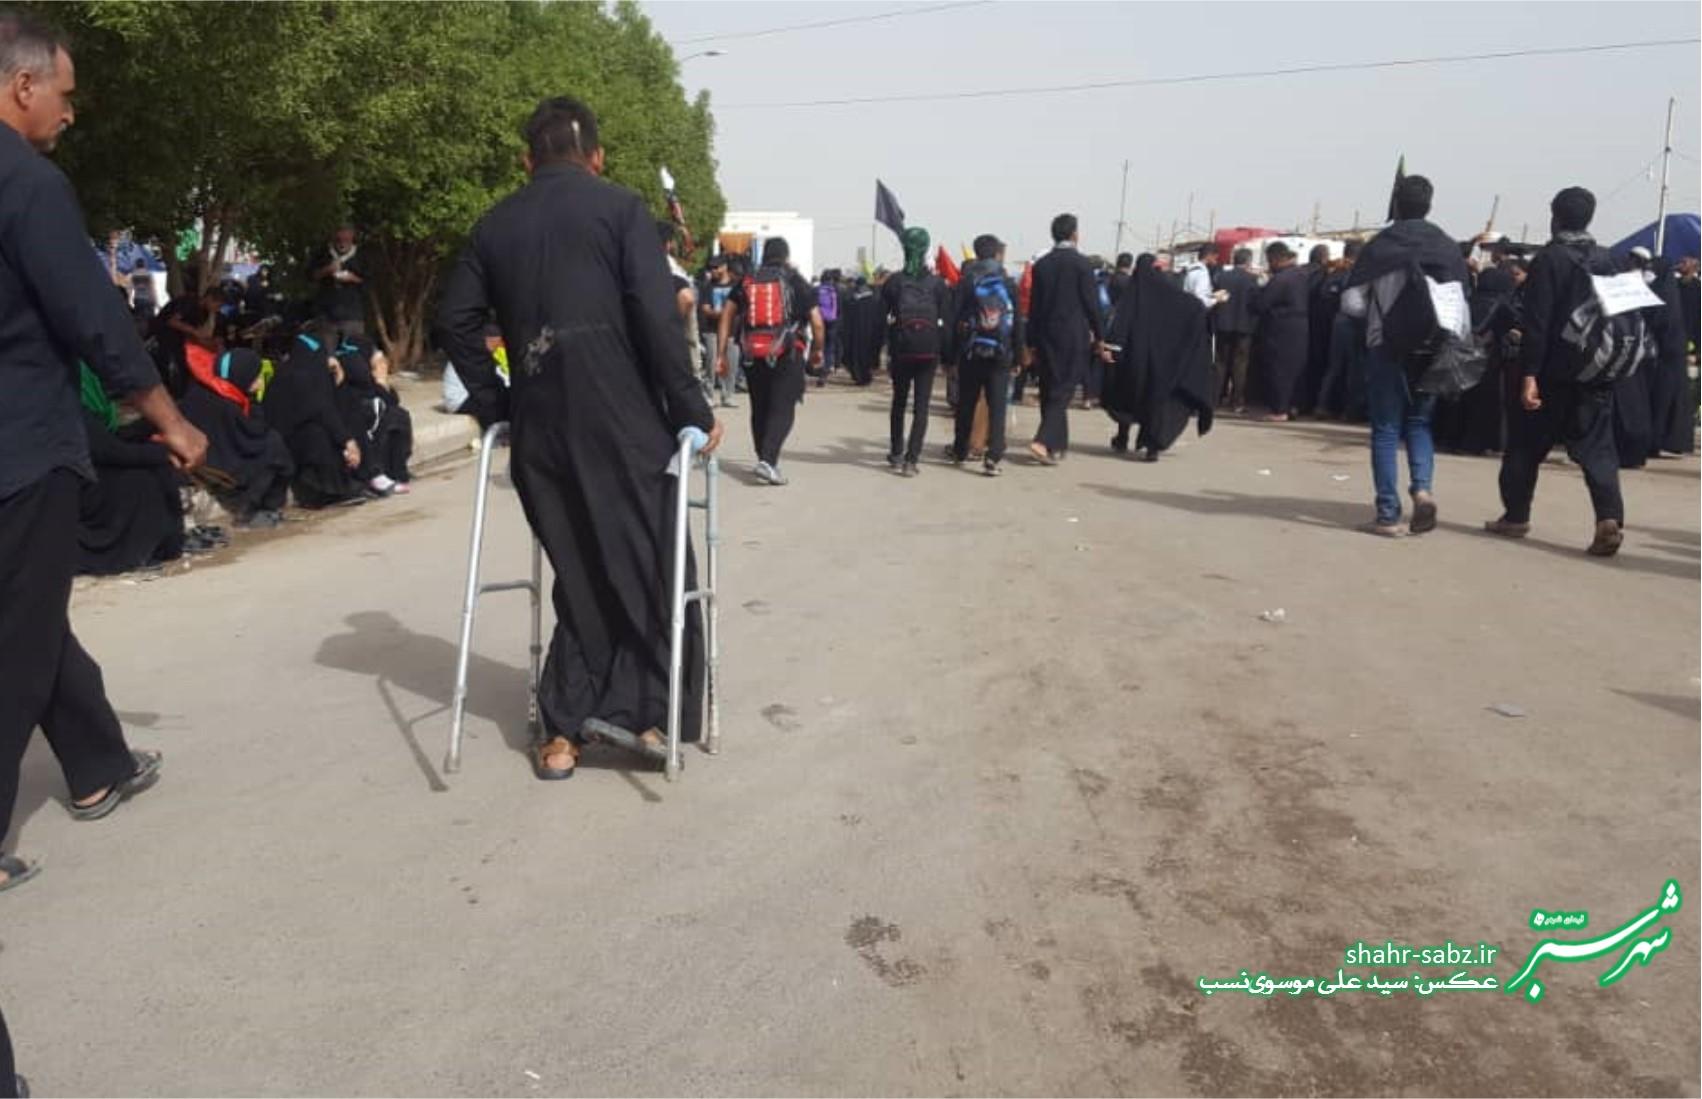 راهپیمایی اربعین حسینی/ 6 آبان 1397/ عکس از سید علی موسوی نسب